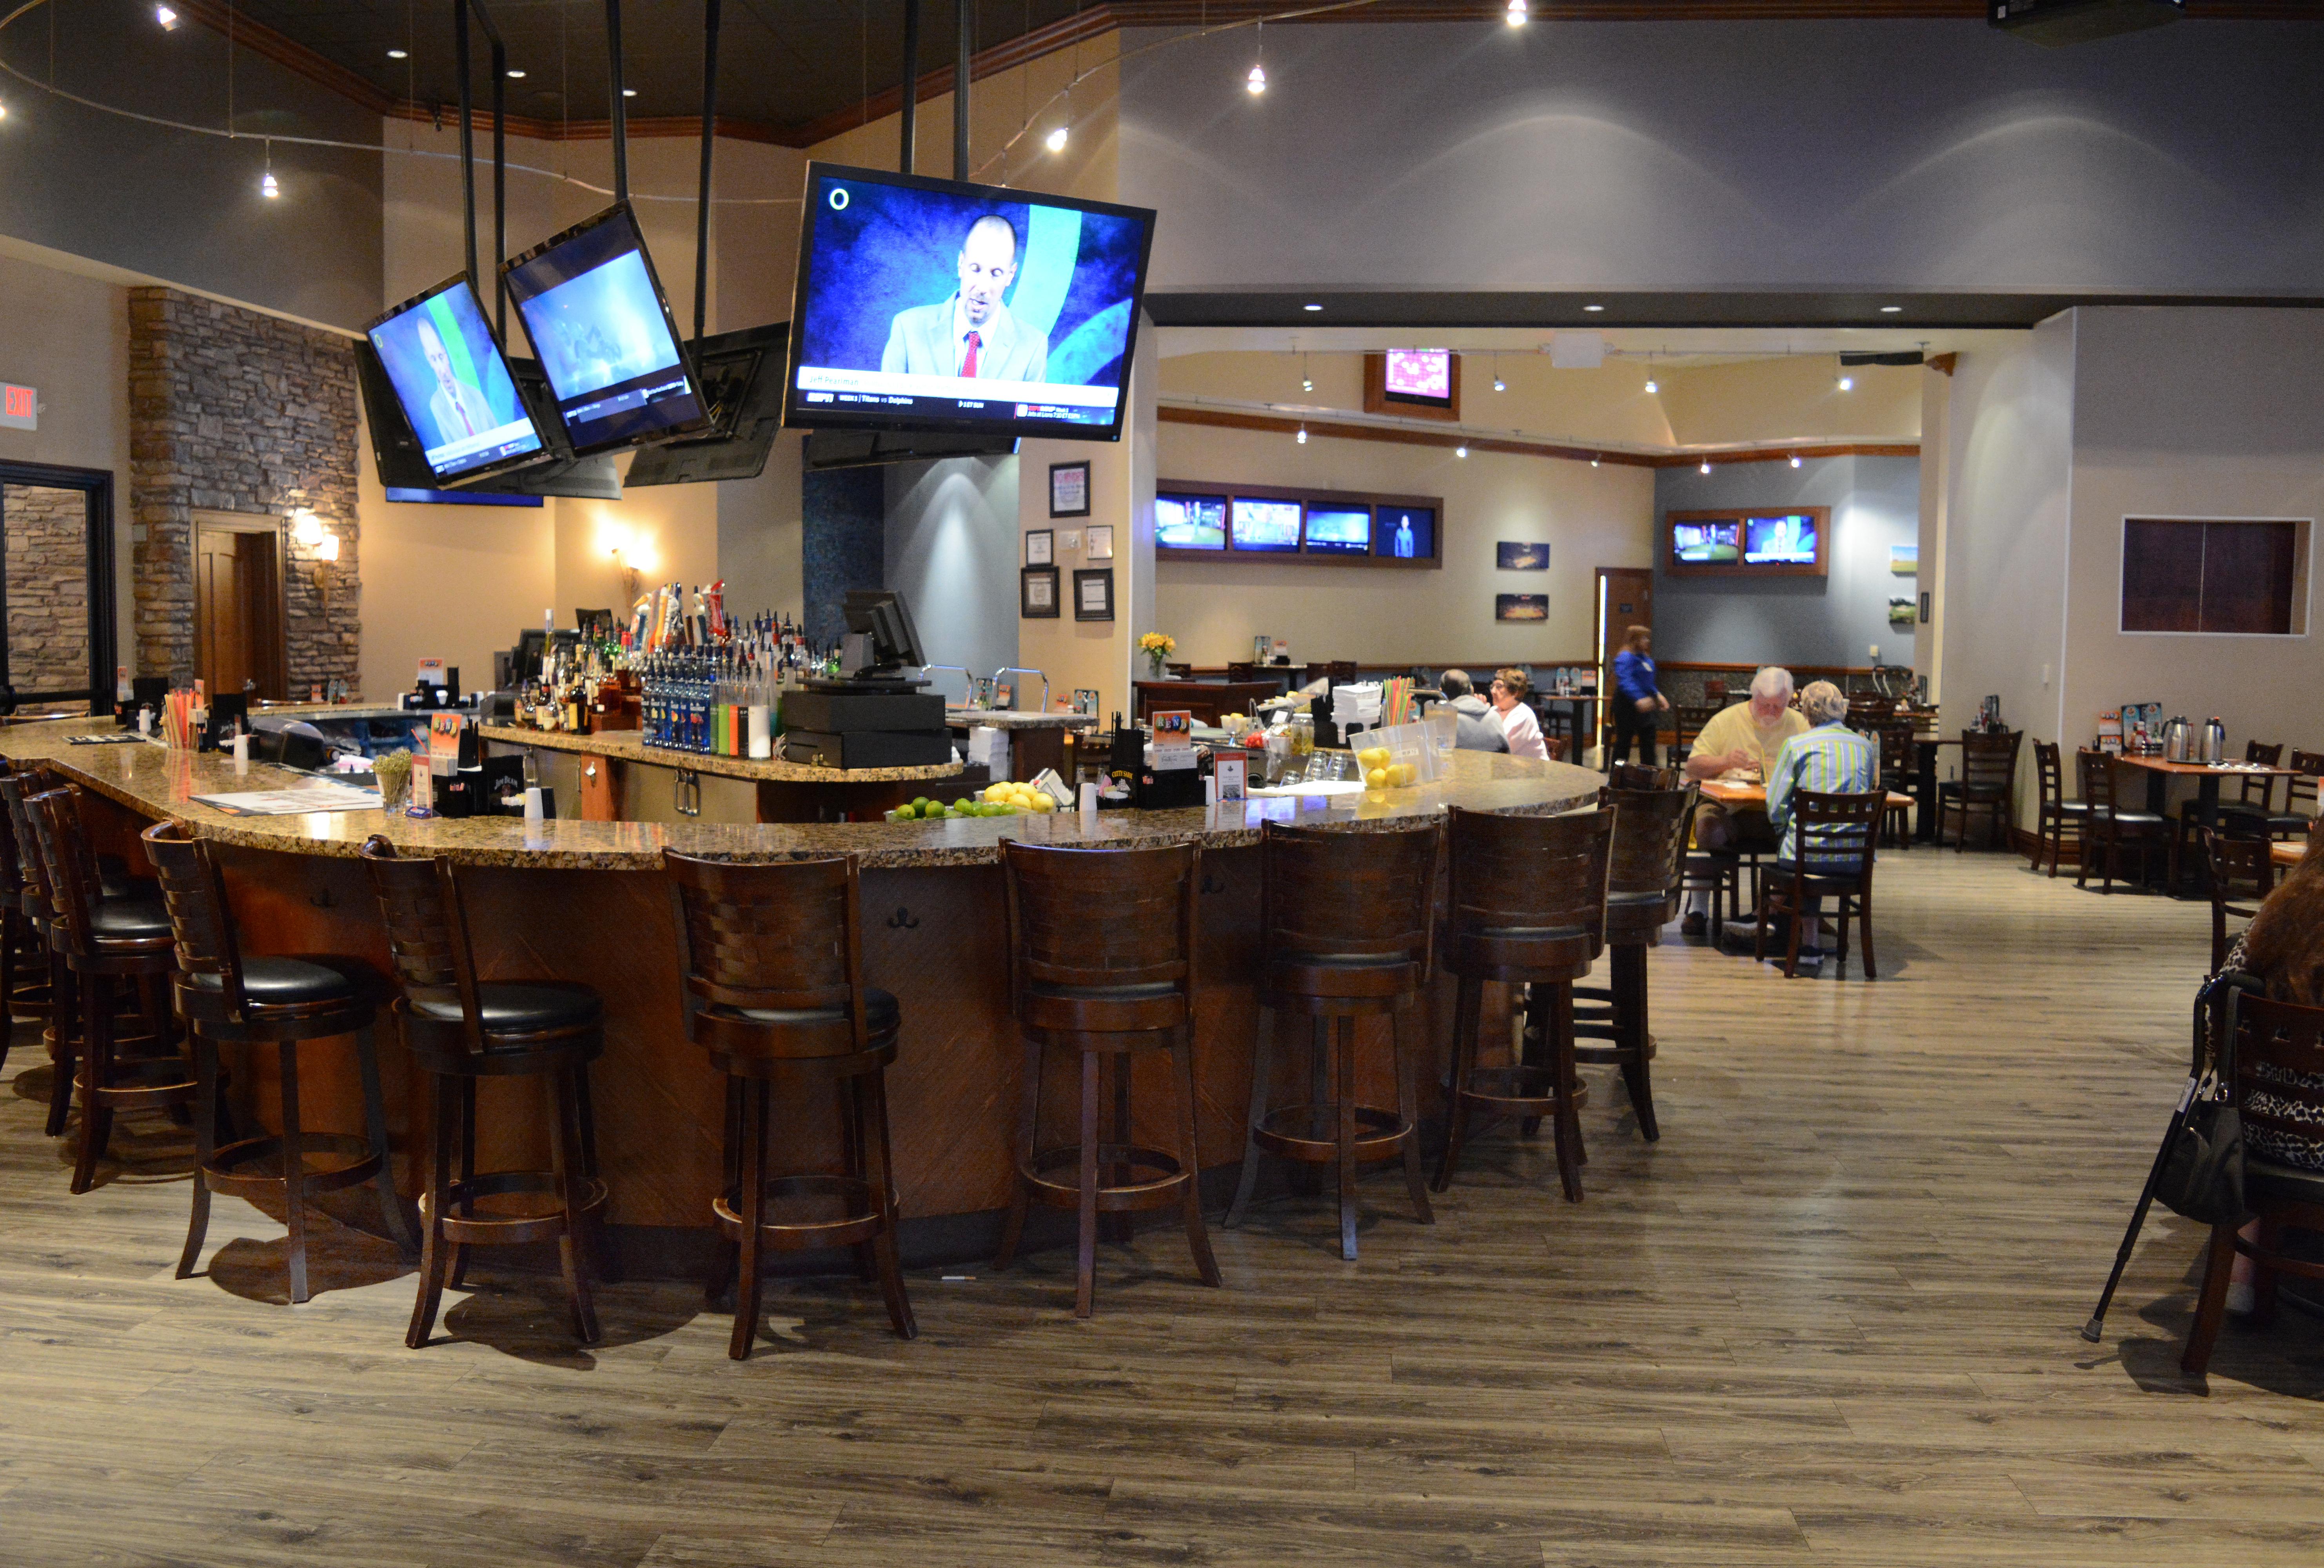 Restaurants in three rivers casino casino mafikeng